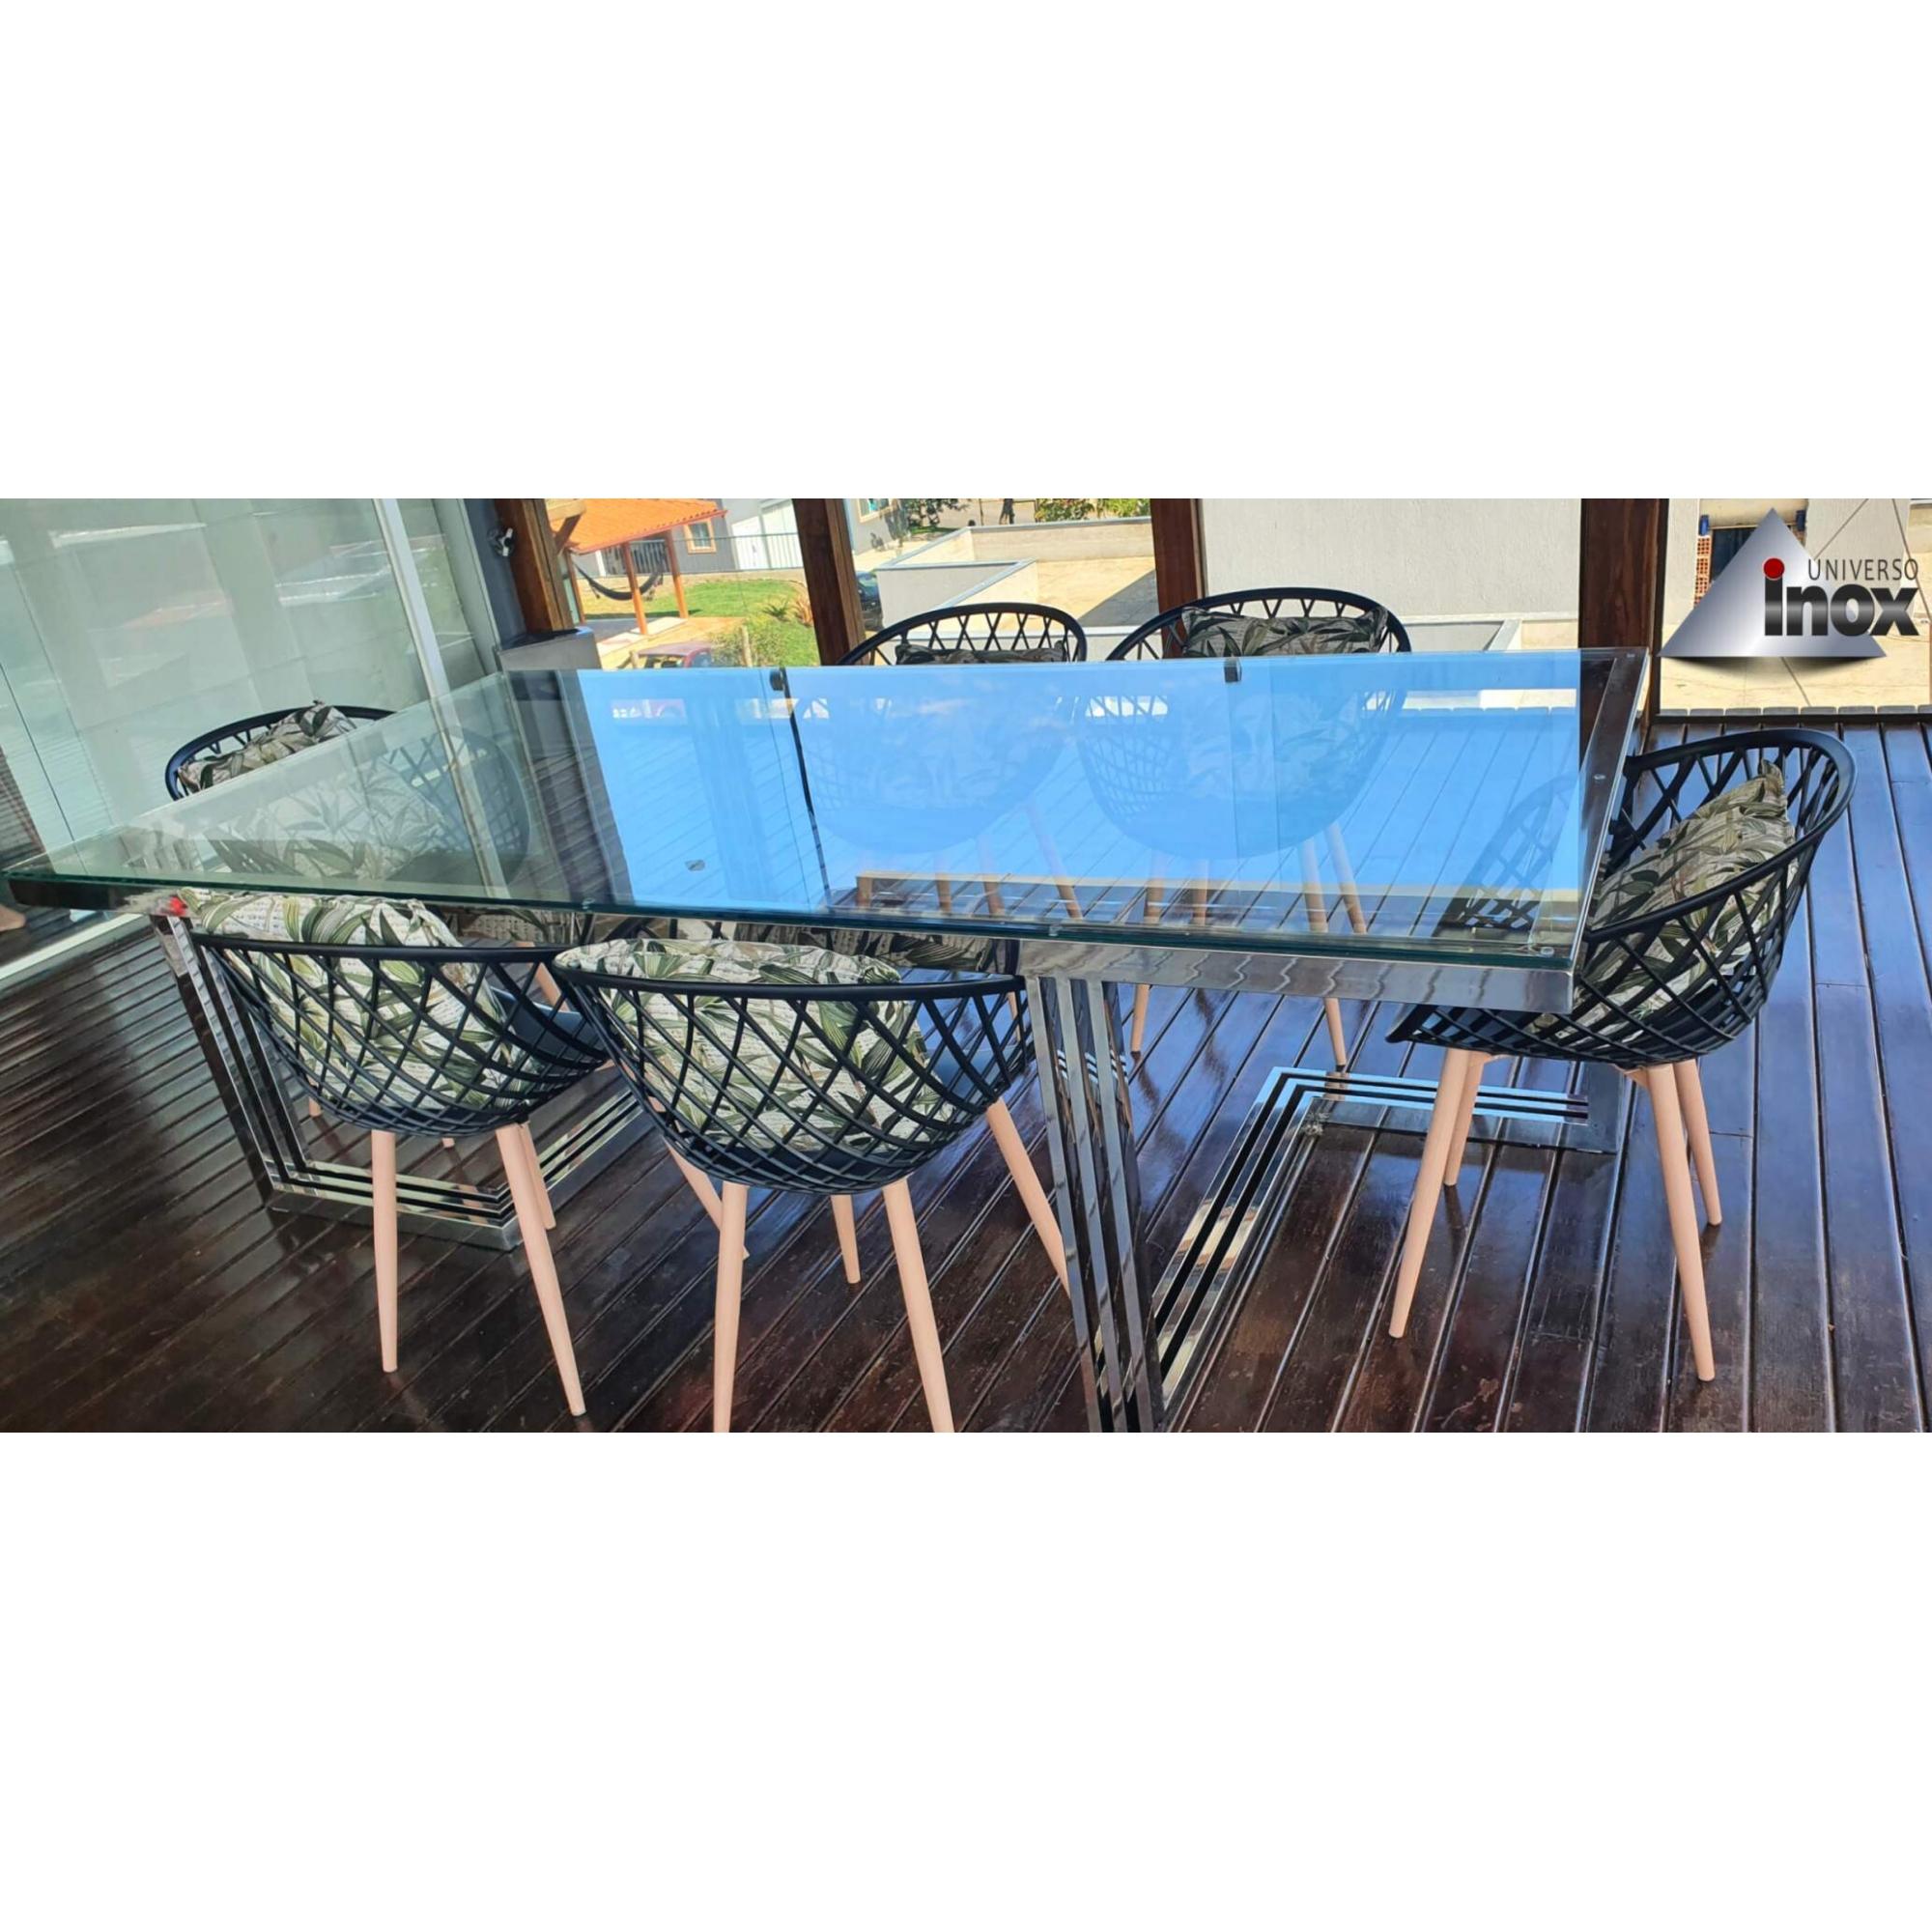 Mesa de Jantar com Tampo de vidro e estrutura em aço inox